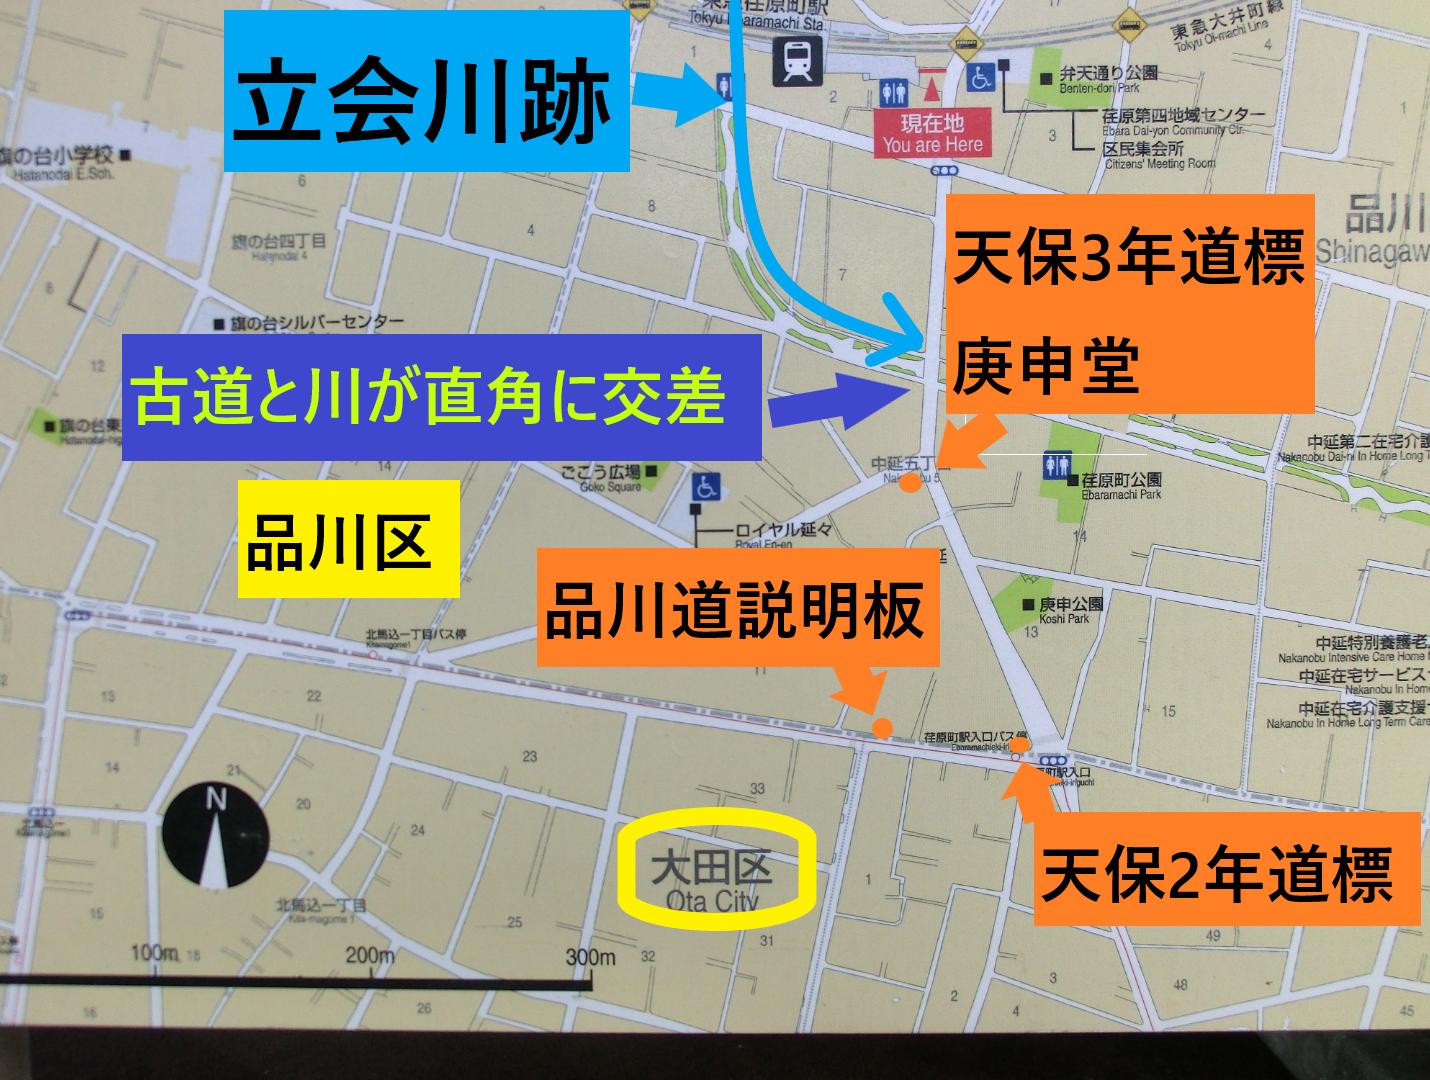 荏原町 史跡の位置 西小山→荏原町散策4